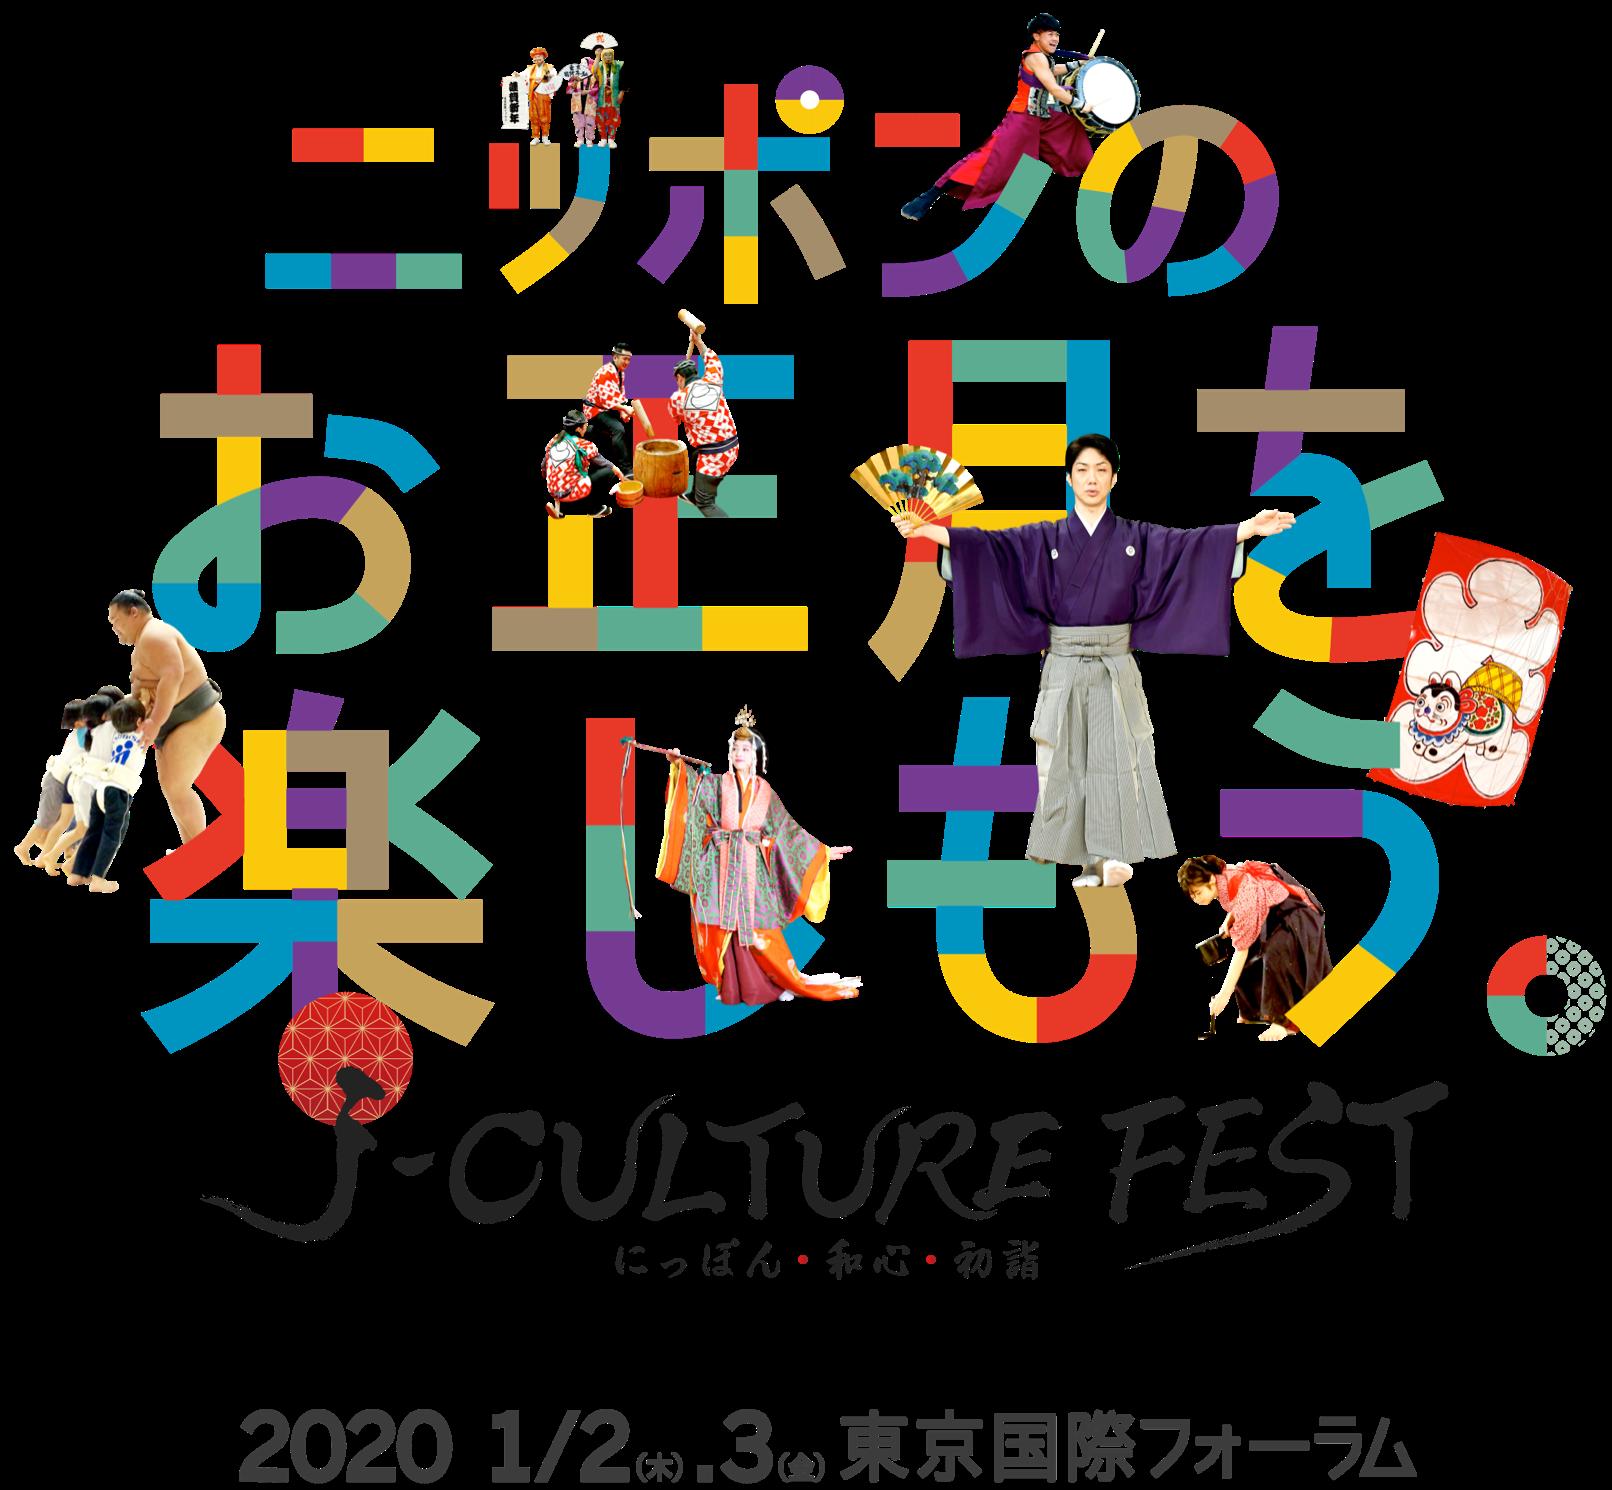 東京国際フォーラムのお正月イベント「J-CULTURE FEST」